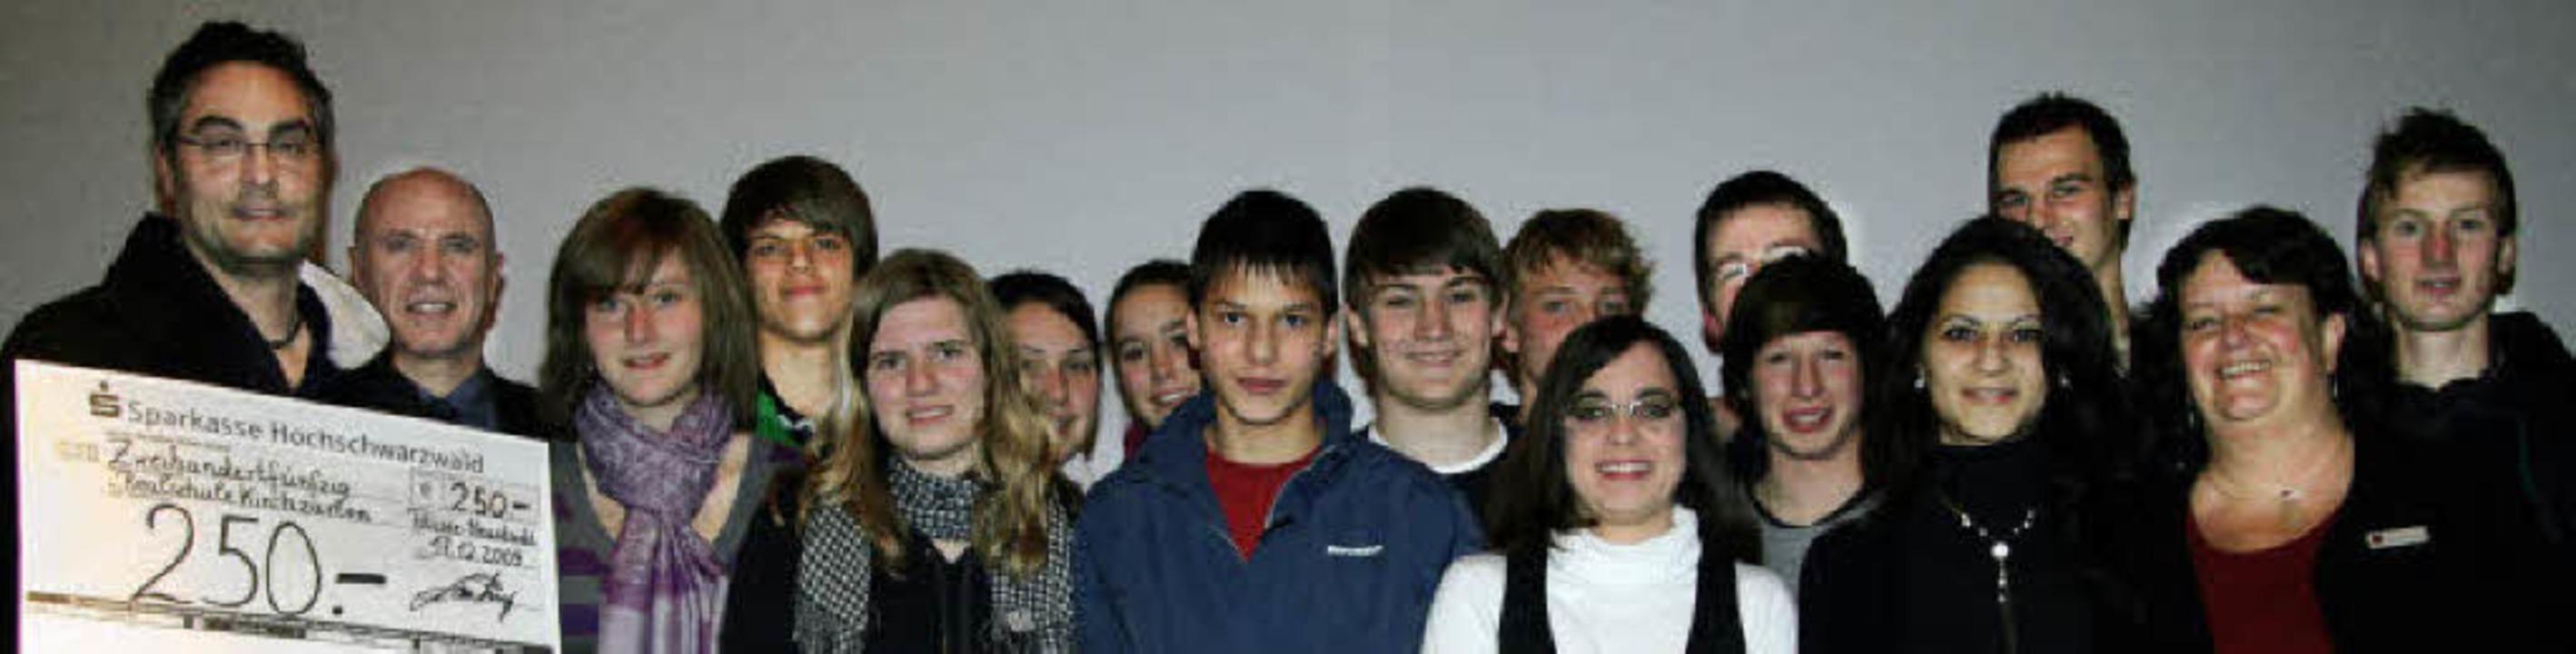 Gute Rendite haben diese Schüler in ih... Hans-Thoma-Schule Titisee-Neustadt.    | Foto: eva korinth